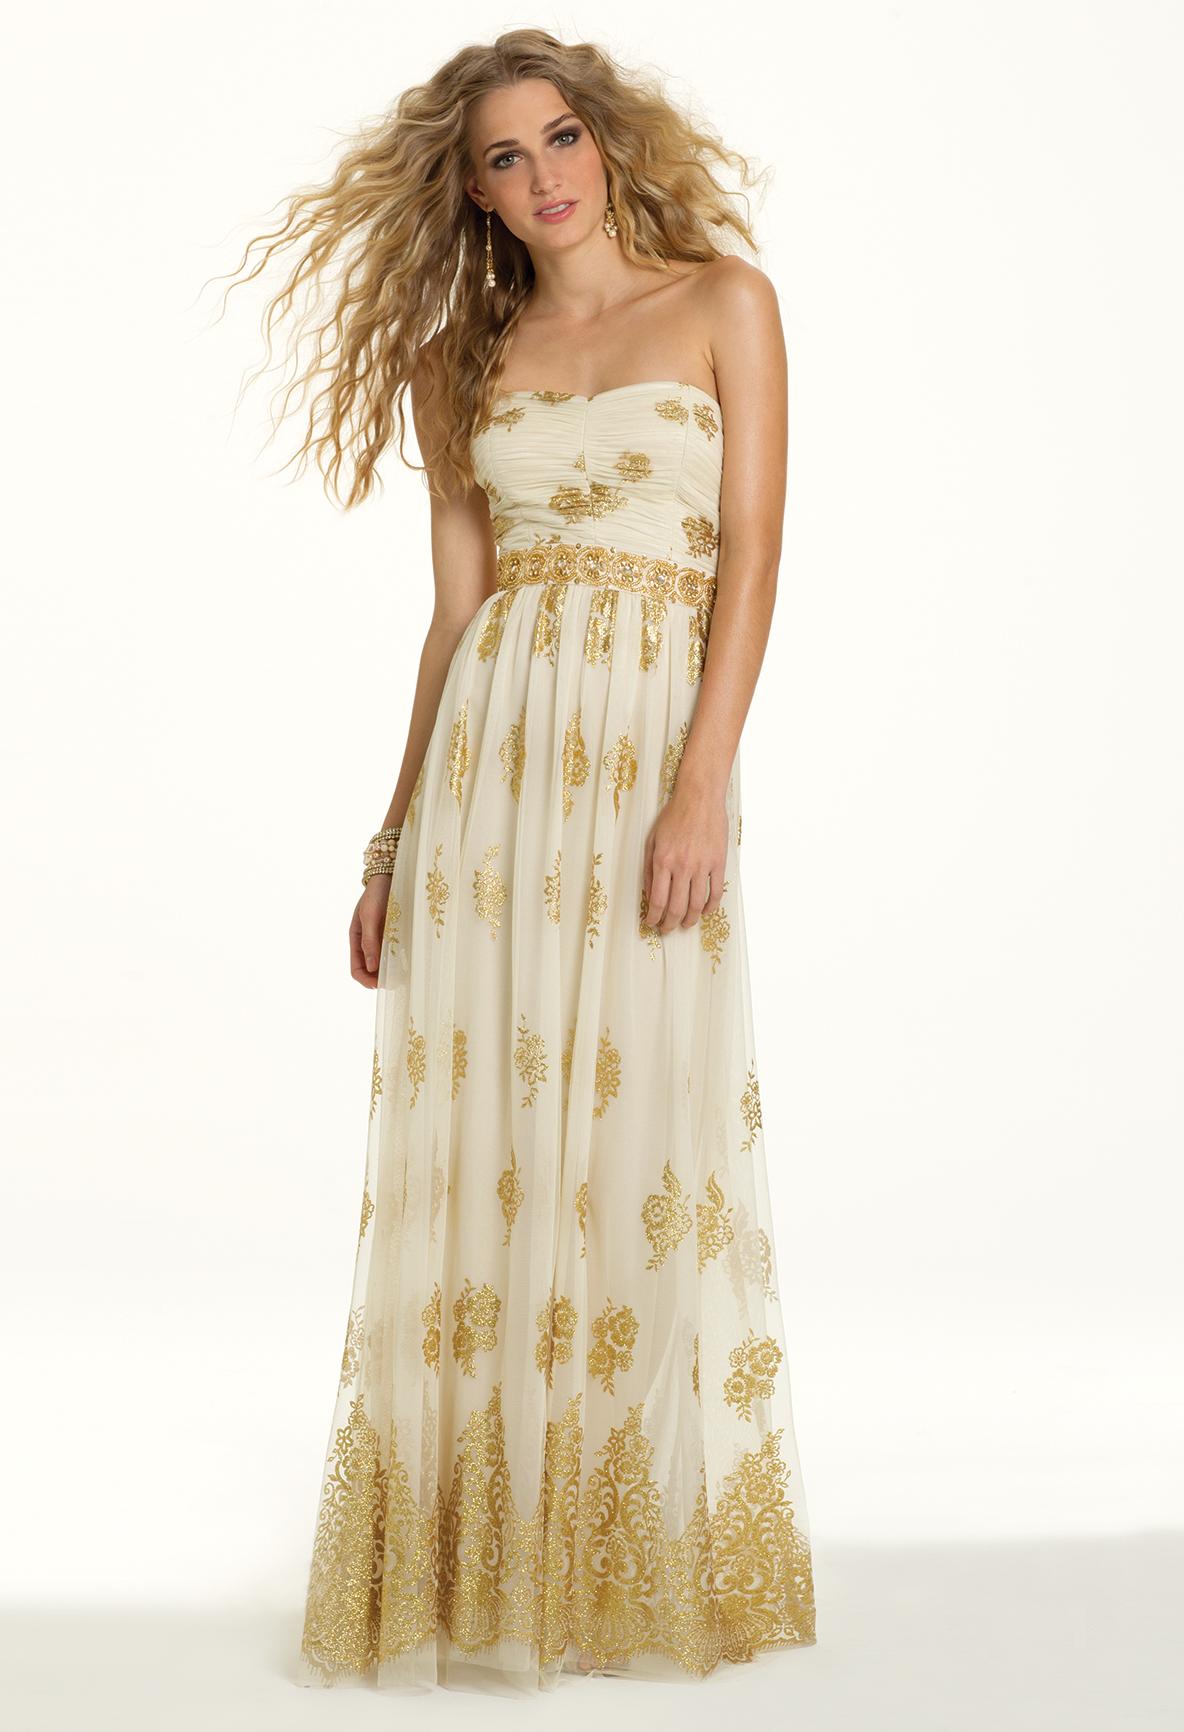 Prom Dresses Camille La Vie Fashion Boutique Dresses Mesh Dress Strapless Cocktail Dresses [ 1732 x 1184 Pixel ]